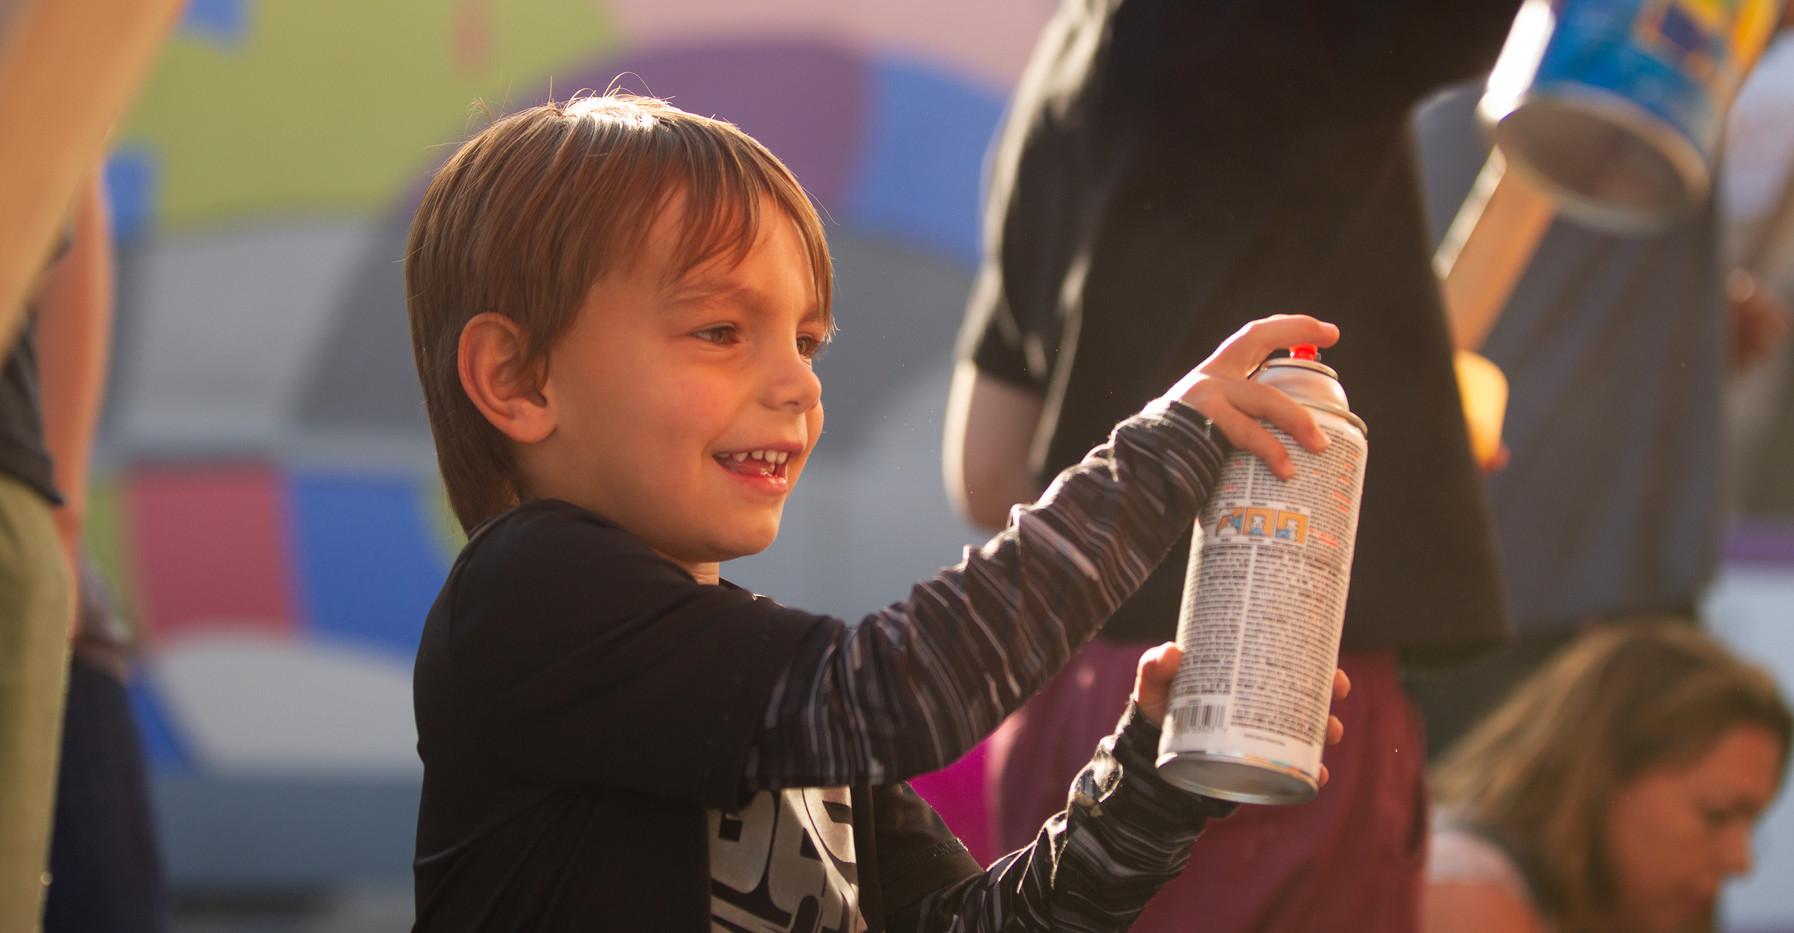 Child w/ Spraypaint